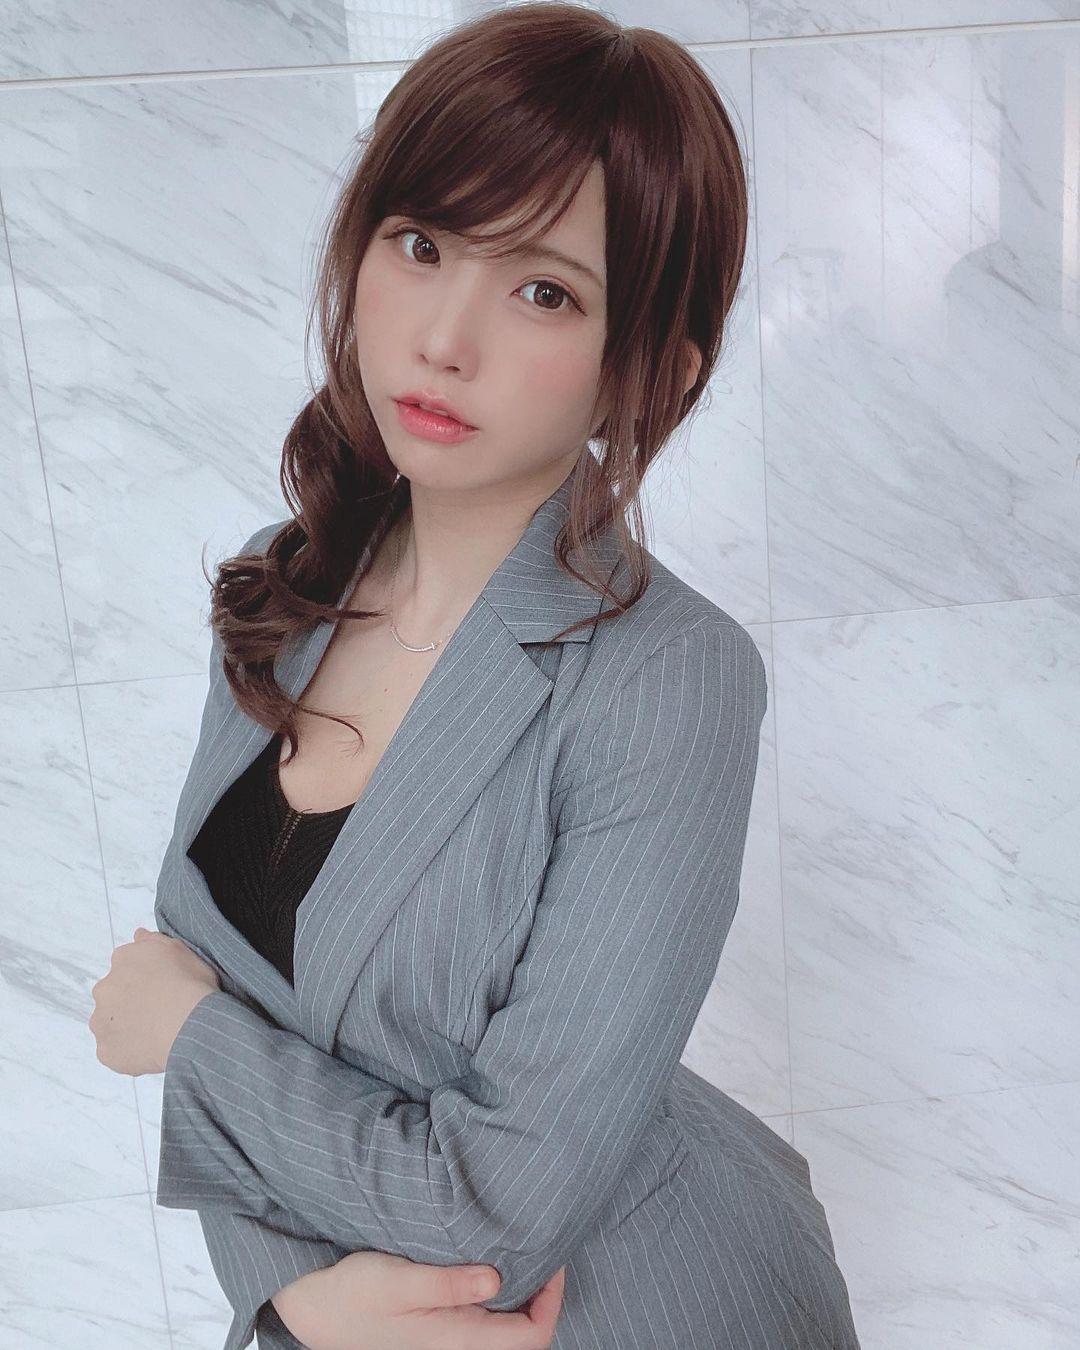 日本百万Coser 再出写真Enako 曝光短发+E造型散发青春活力 网络美女 第1张